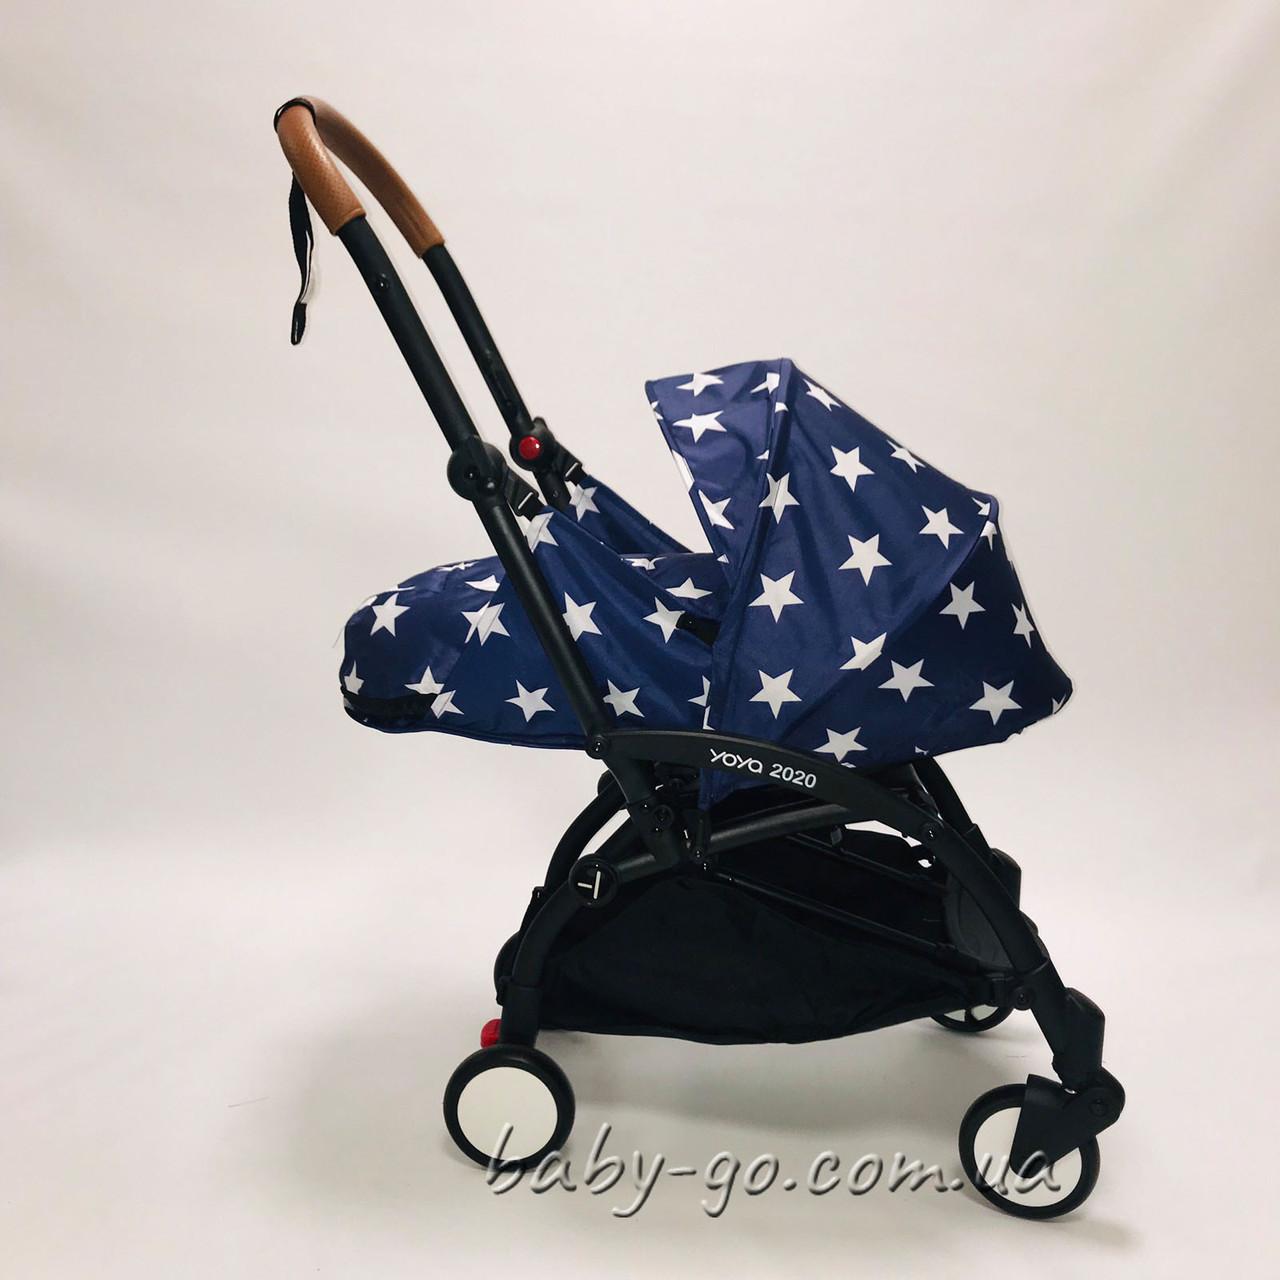 Коляска YOYA 2020 175 + блок для новорожденных Звезды